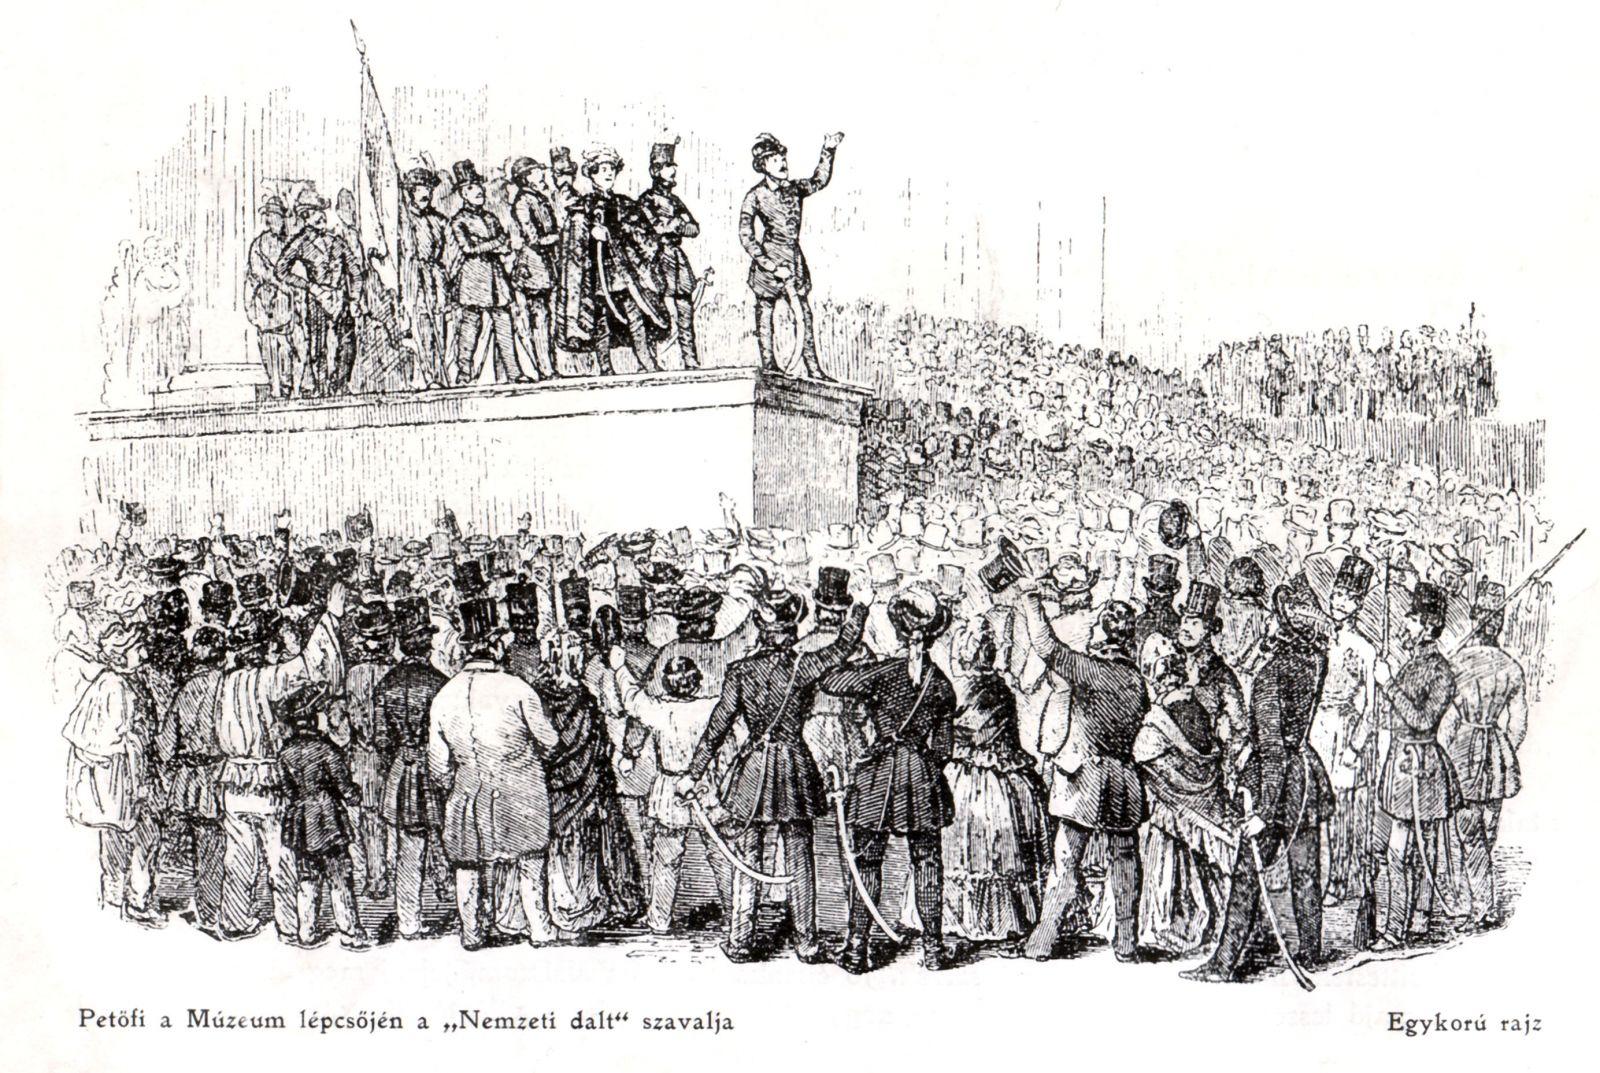 Petőfi Sándor a Nemzeti dalt szavalja 1848. március 15-én